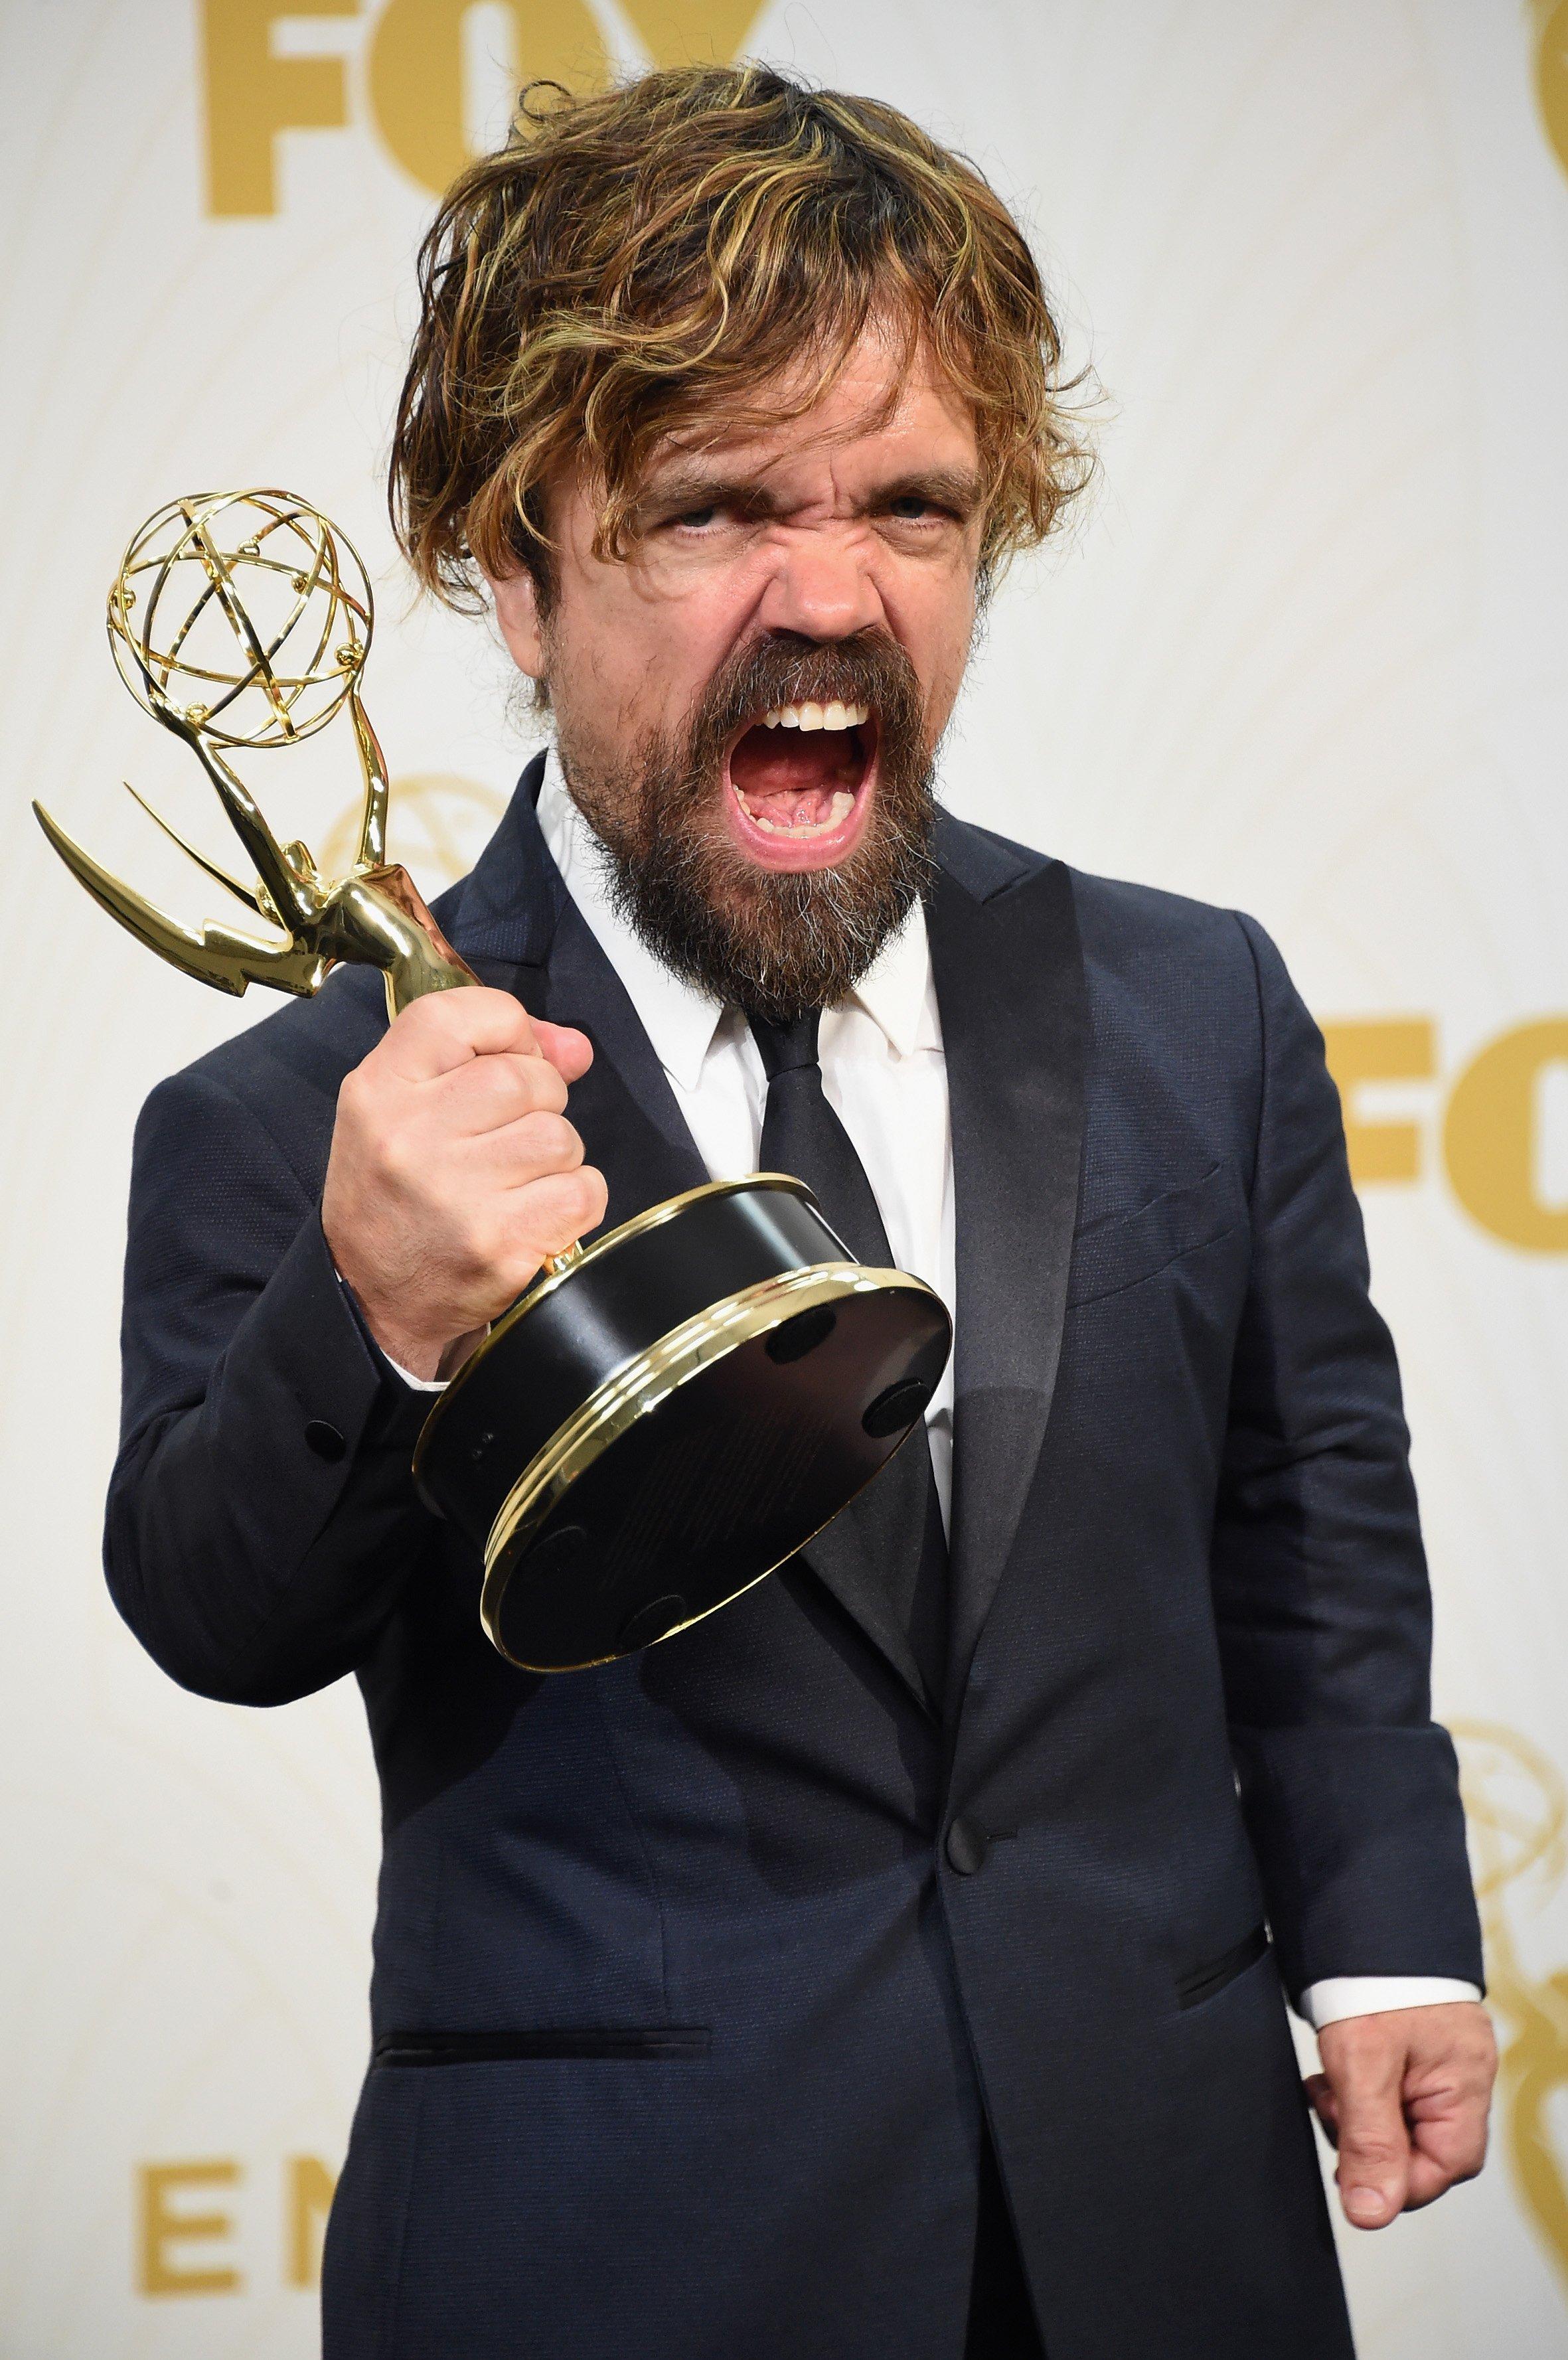 Peter Dinklage nominé pour le second prix EMMY pour son rôle dans Game of Thrones. | Source : Getty